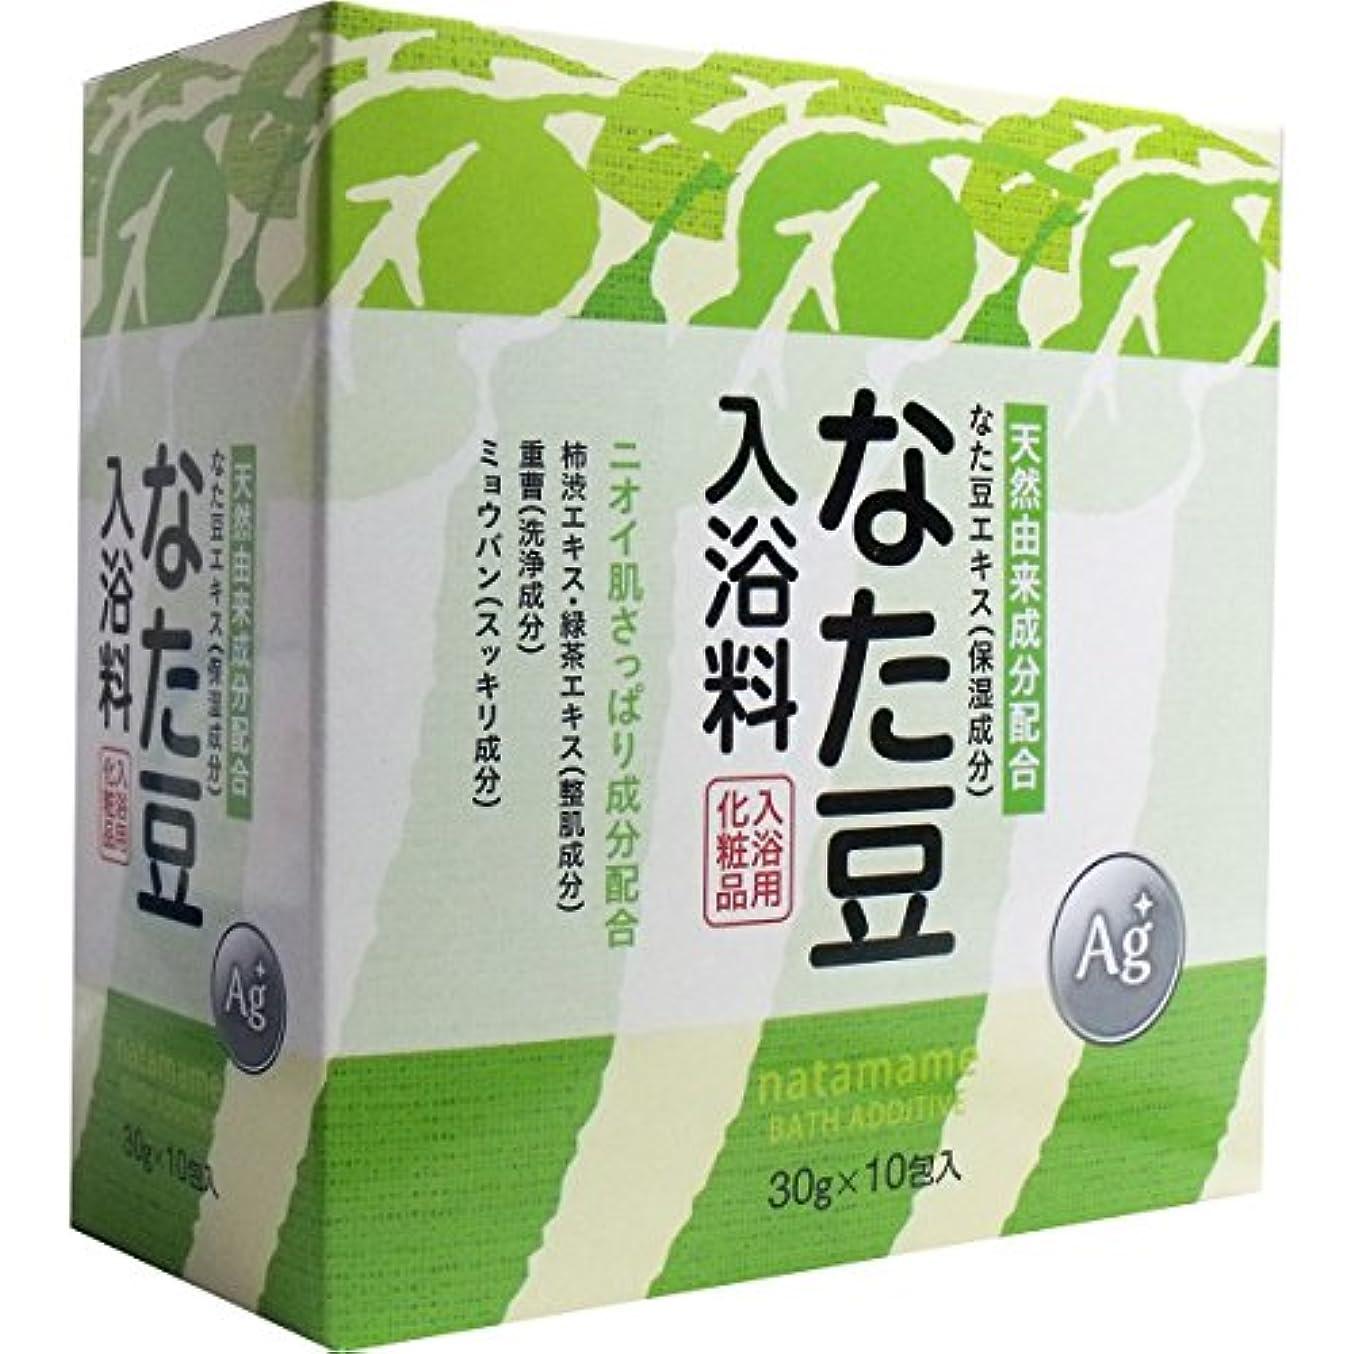 スワップキャッチ範囲なた豆入浴料 入浴用化粧品 30g×10包入×4